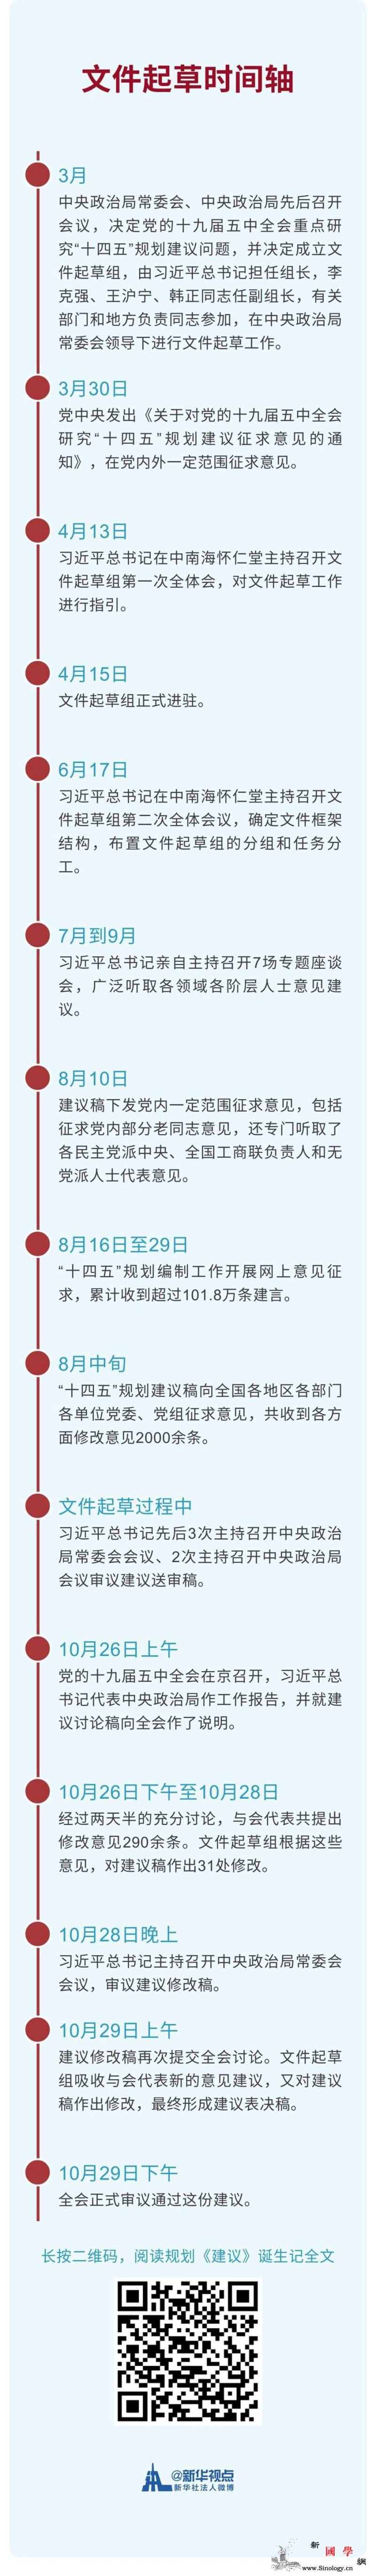 规划《建议》文件起草时间轴_菁菁-重磅-起草-